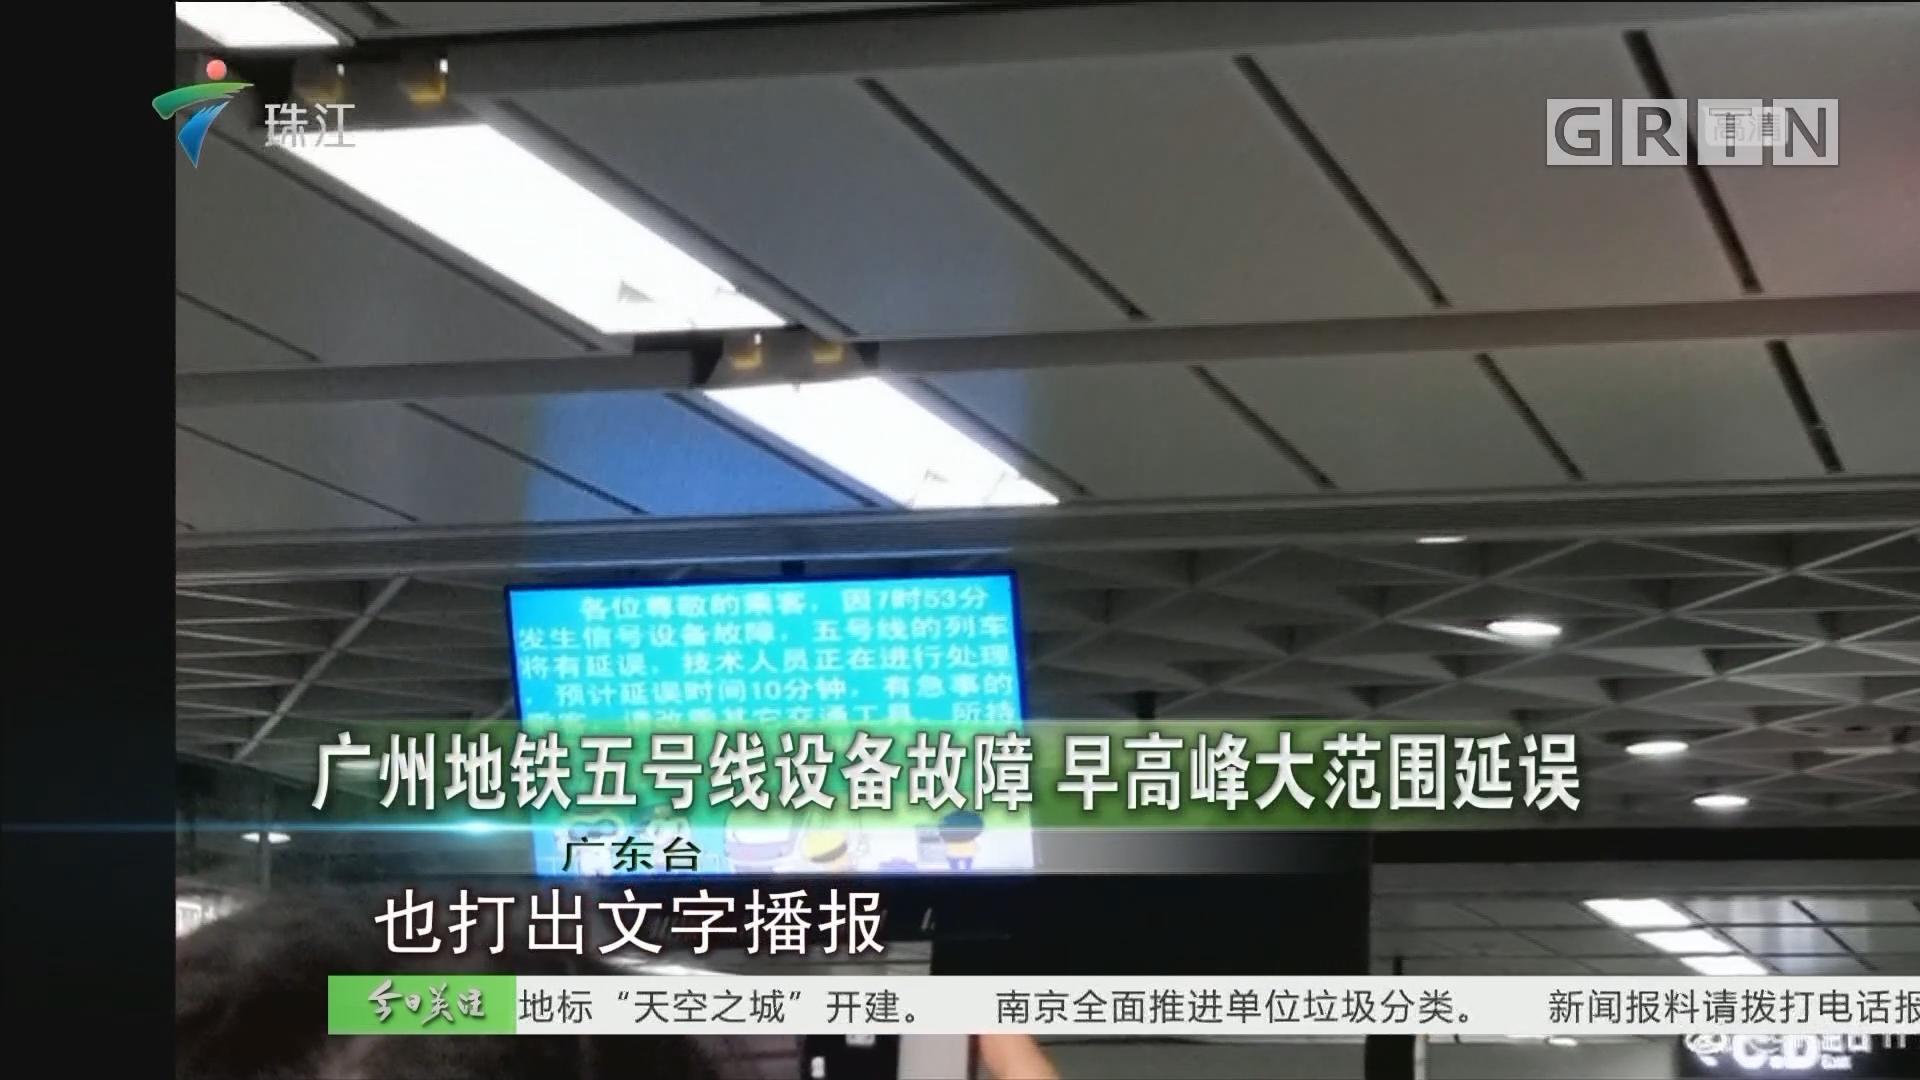 广州地铁五号线设备故障 早高峰大范围延误